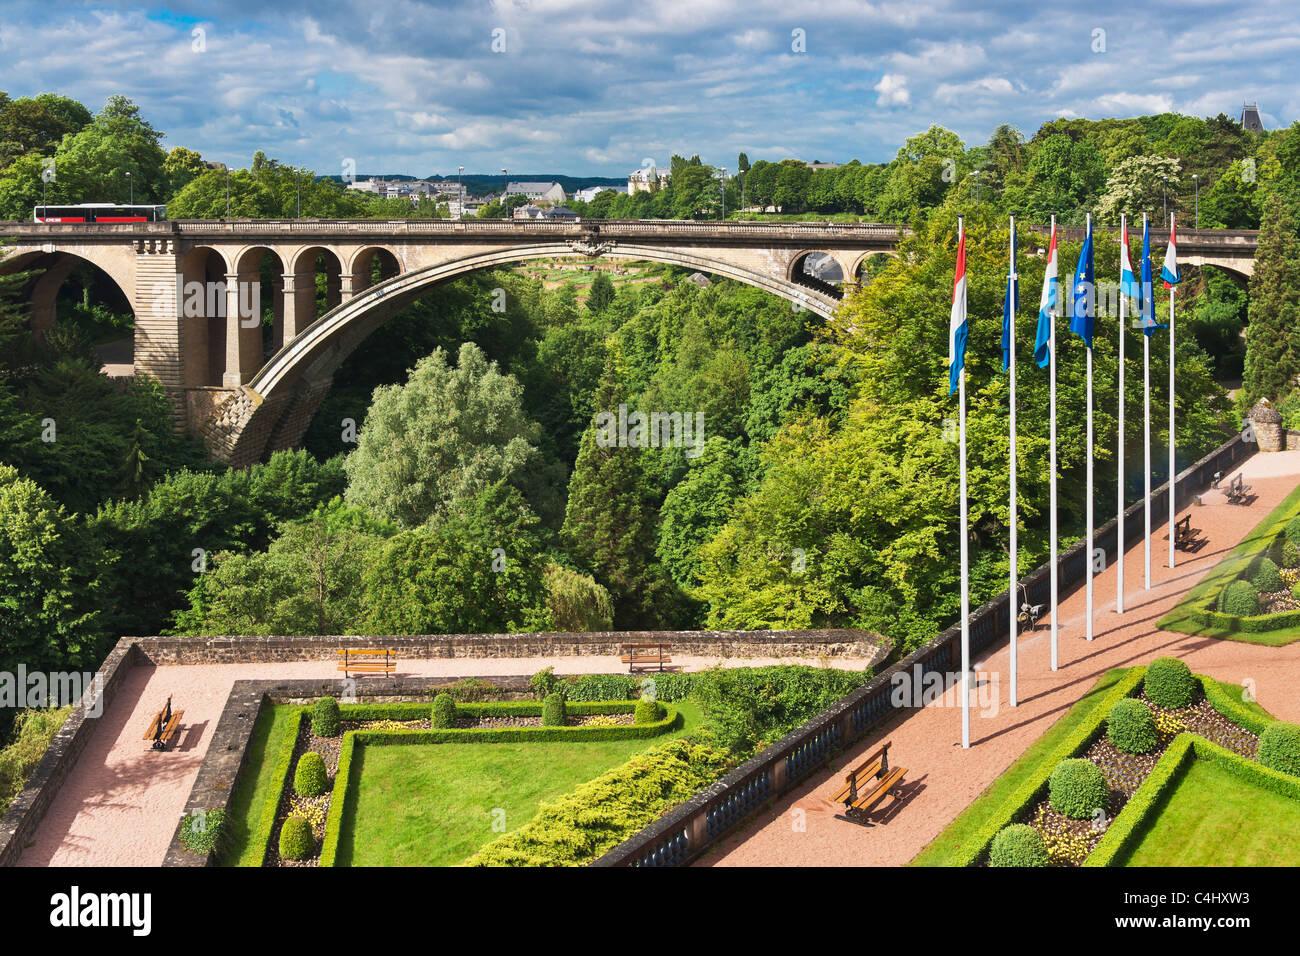 Blick Zur Adolphe Bruecke, Luxemburg   Ansicht nach Adolphe-Brücke, Luxemburg Stockbild